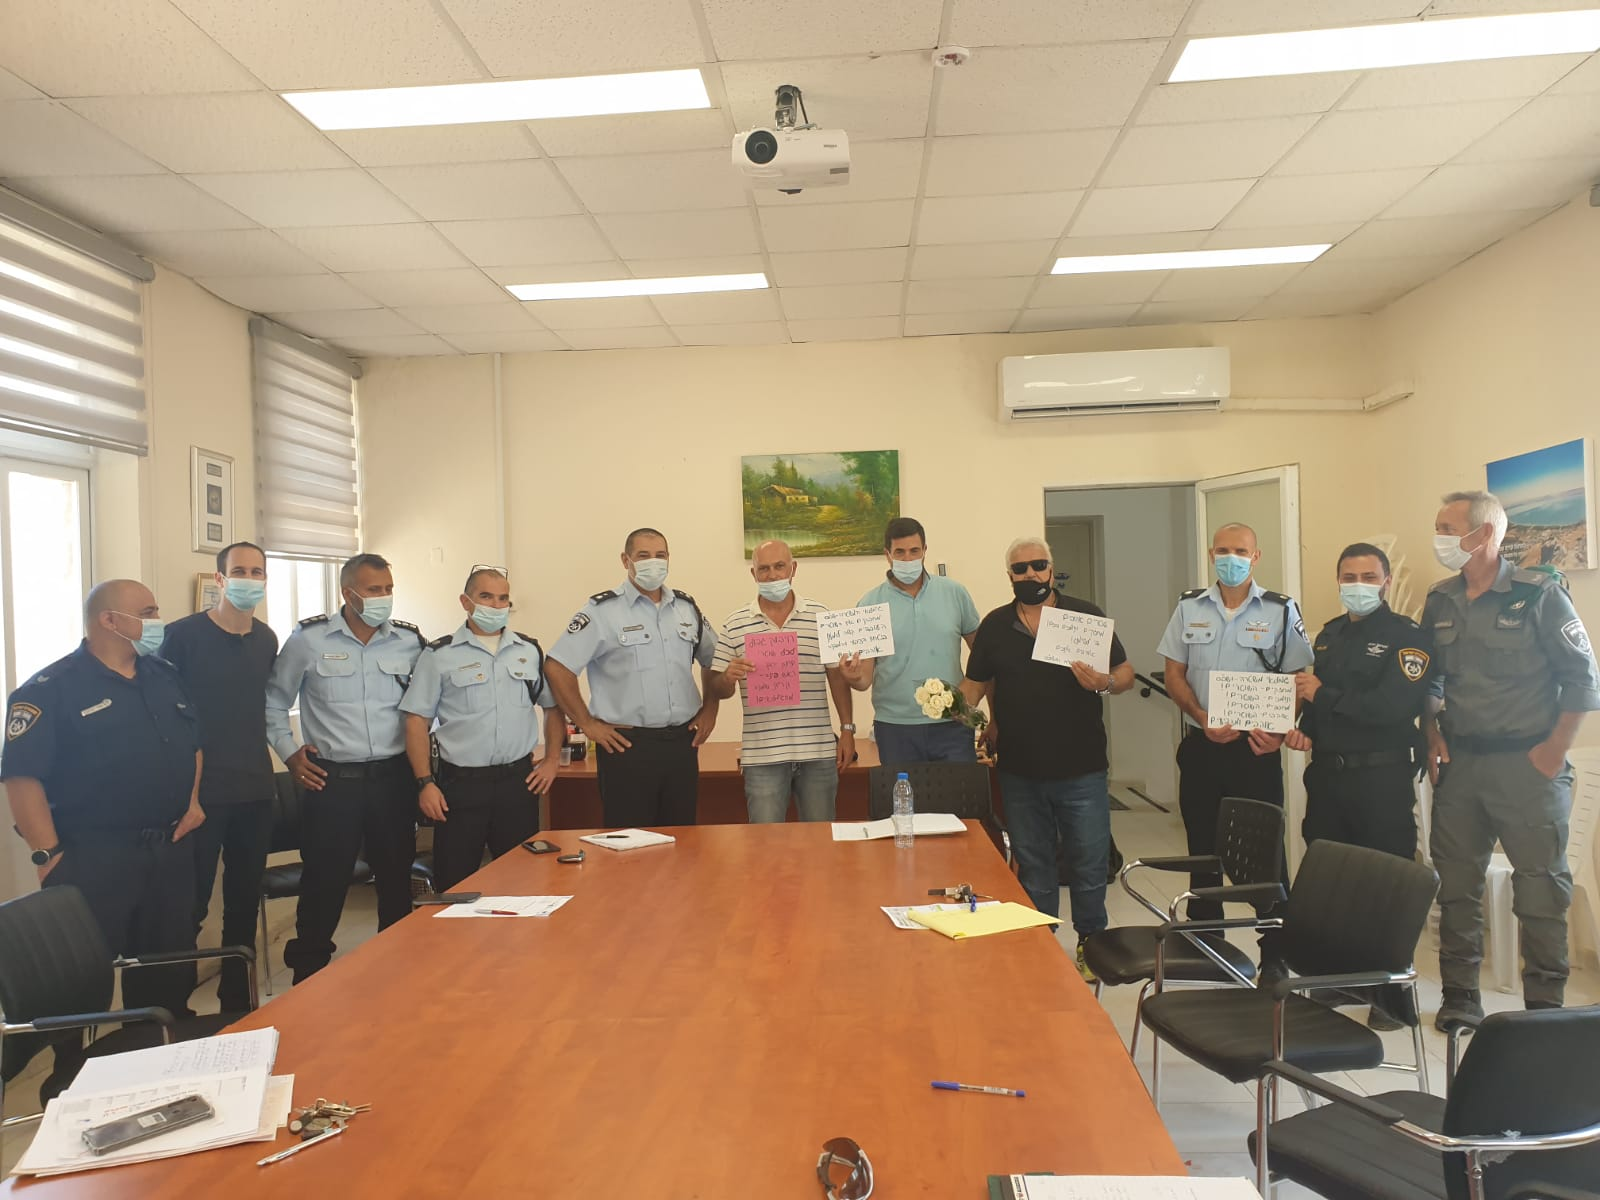 חבר מועצת העיר יורם מלול מחזק את שוטרי תחנת משטרה קריית שמונה שנמצאים בחזית המאבק בנגיף הקורונה